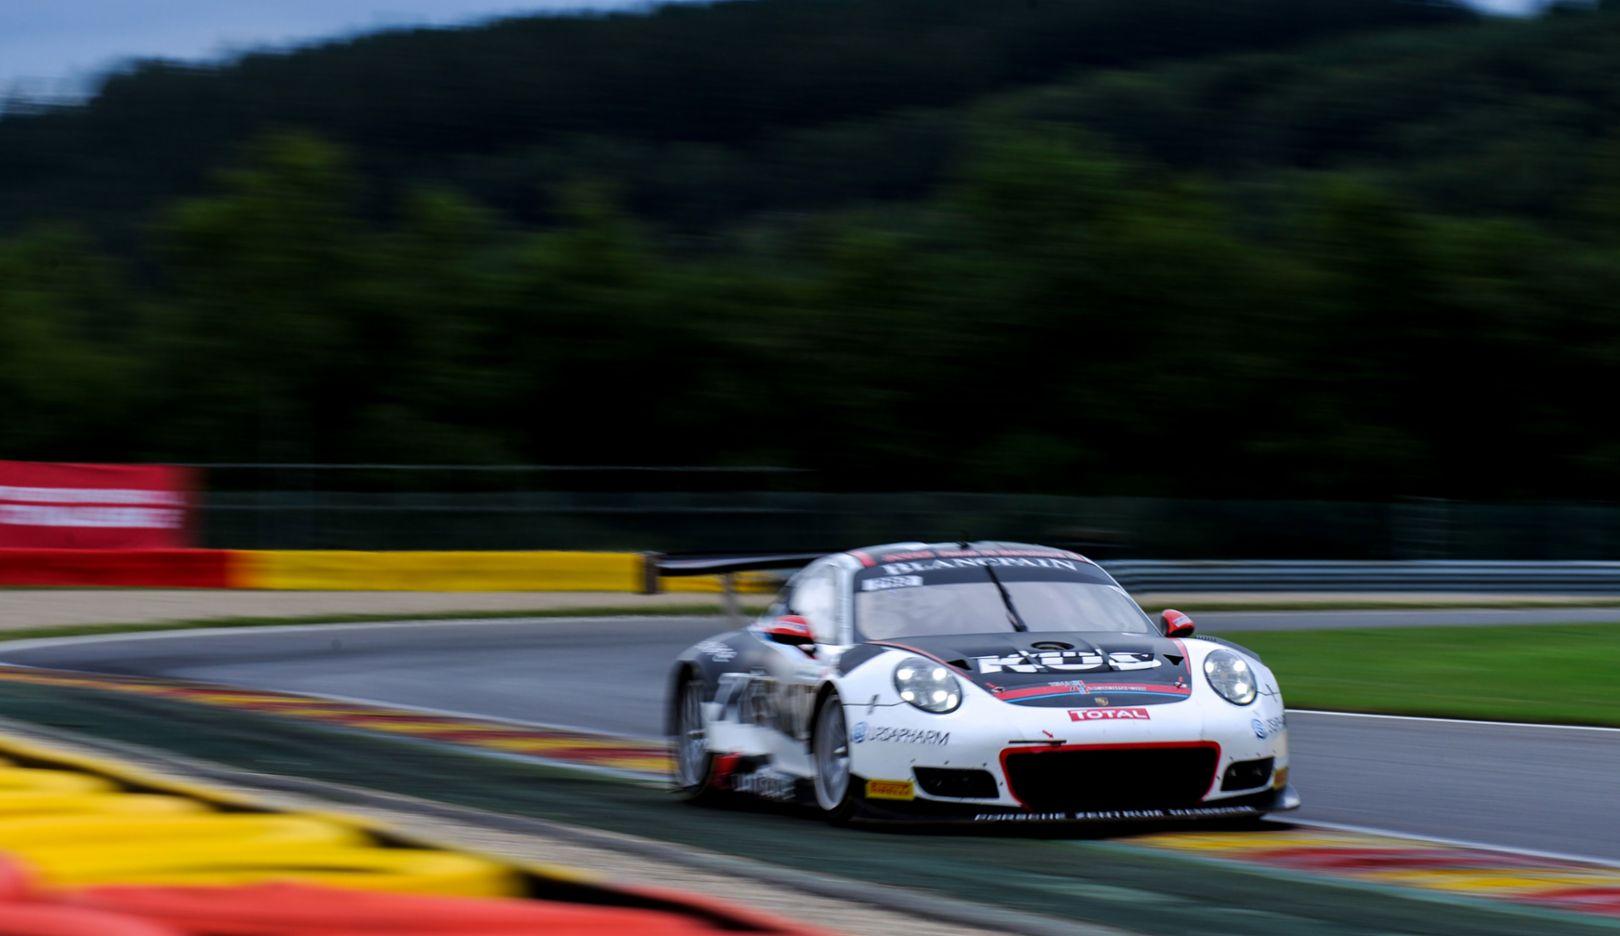 911 GT3 R (117), KÜS Team75 Bernhard, Super Pole, 24 Stunden von Spa, 2017, Porsche AG